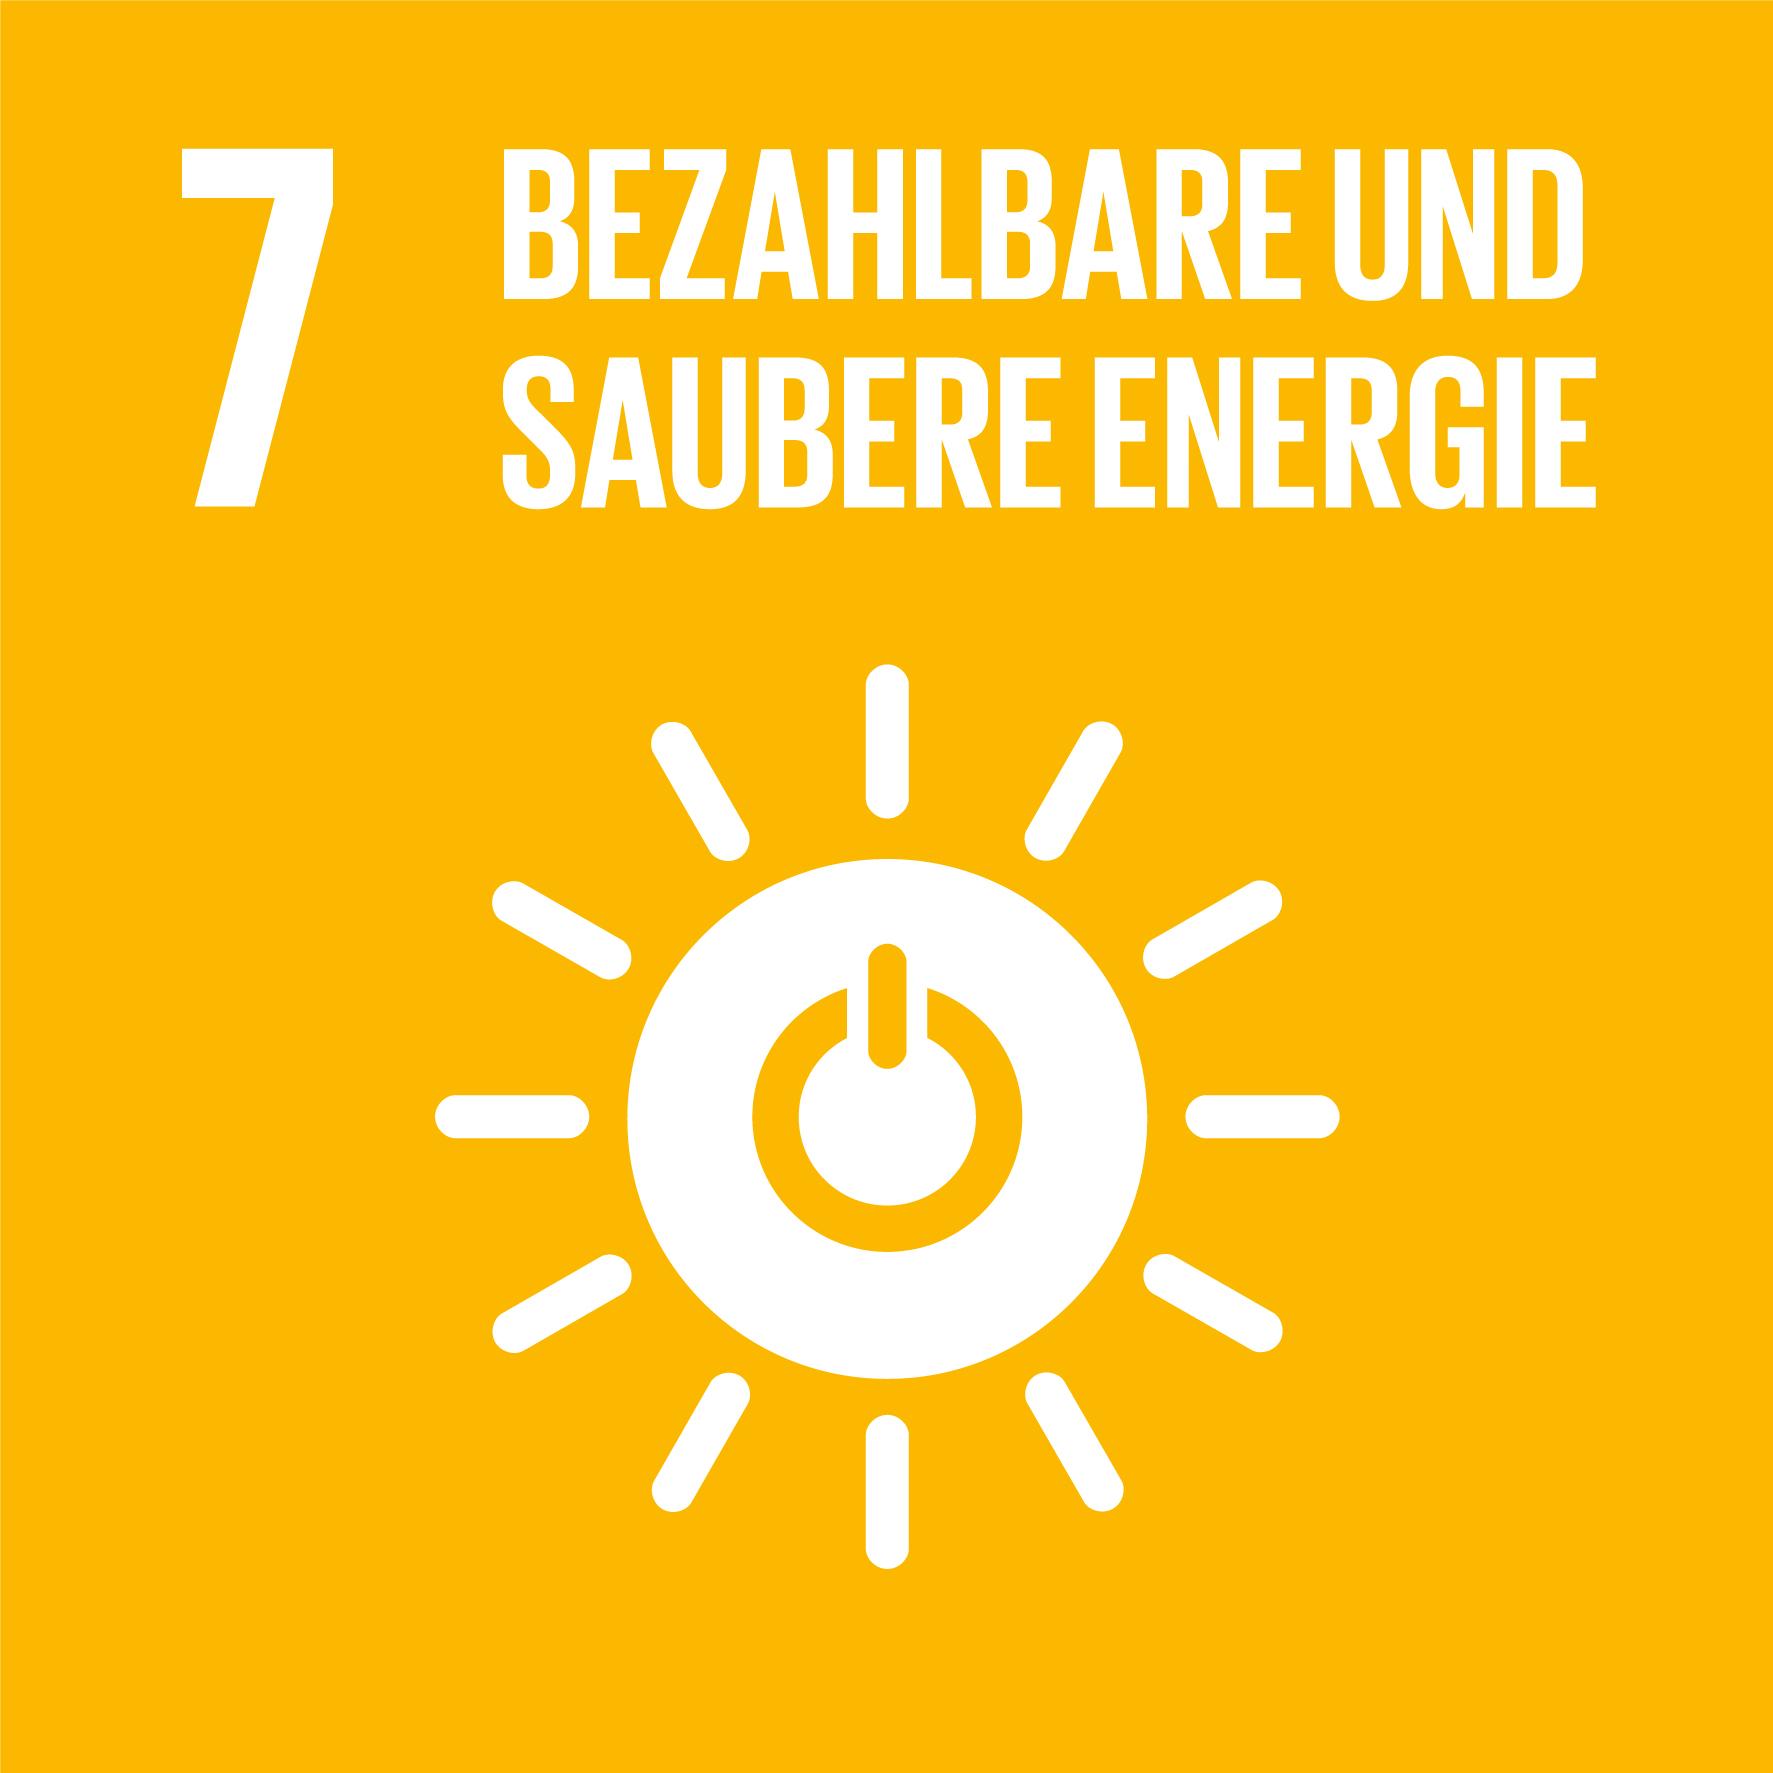 SDG7 - Bezahlbare, und saubere Energie